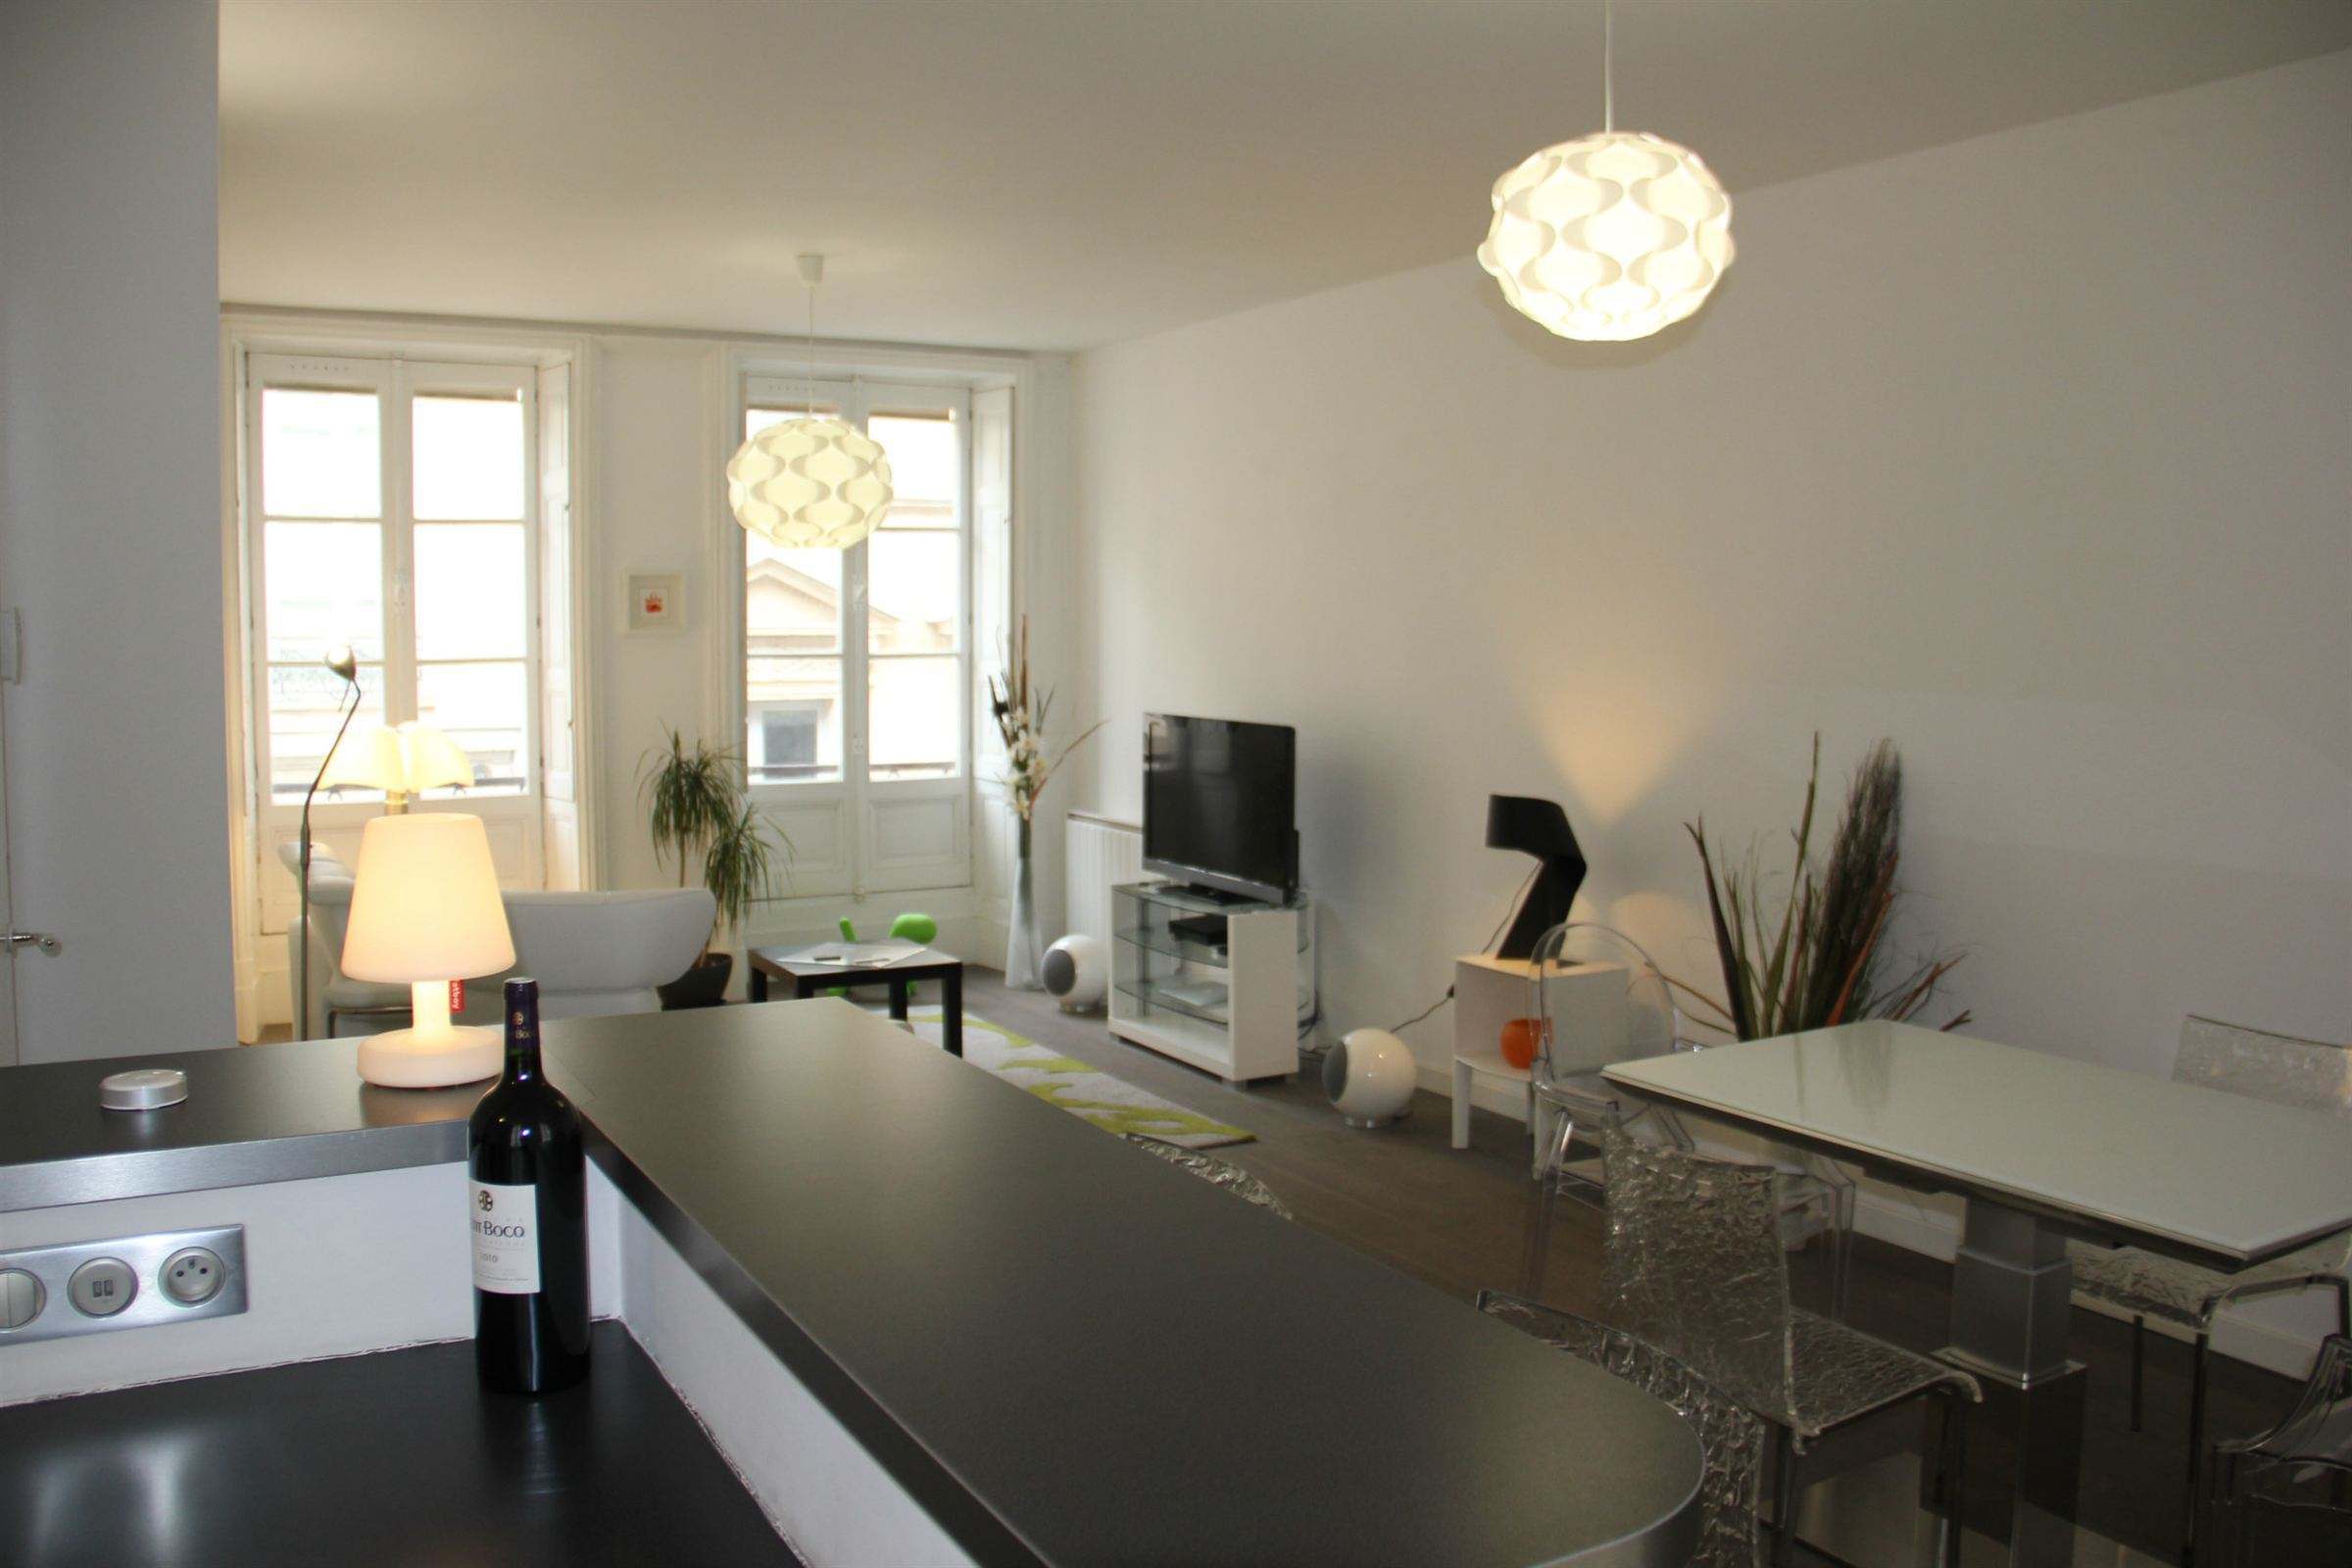 Appartement pour l Vente à BORDEAUX - DOWNTOWN - GOLDEN TRIANGLE - LOVELY 2 BEDROOM APARTMENT Bordeaux, Aquitaine 33000 France